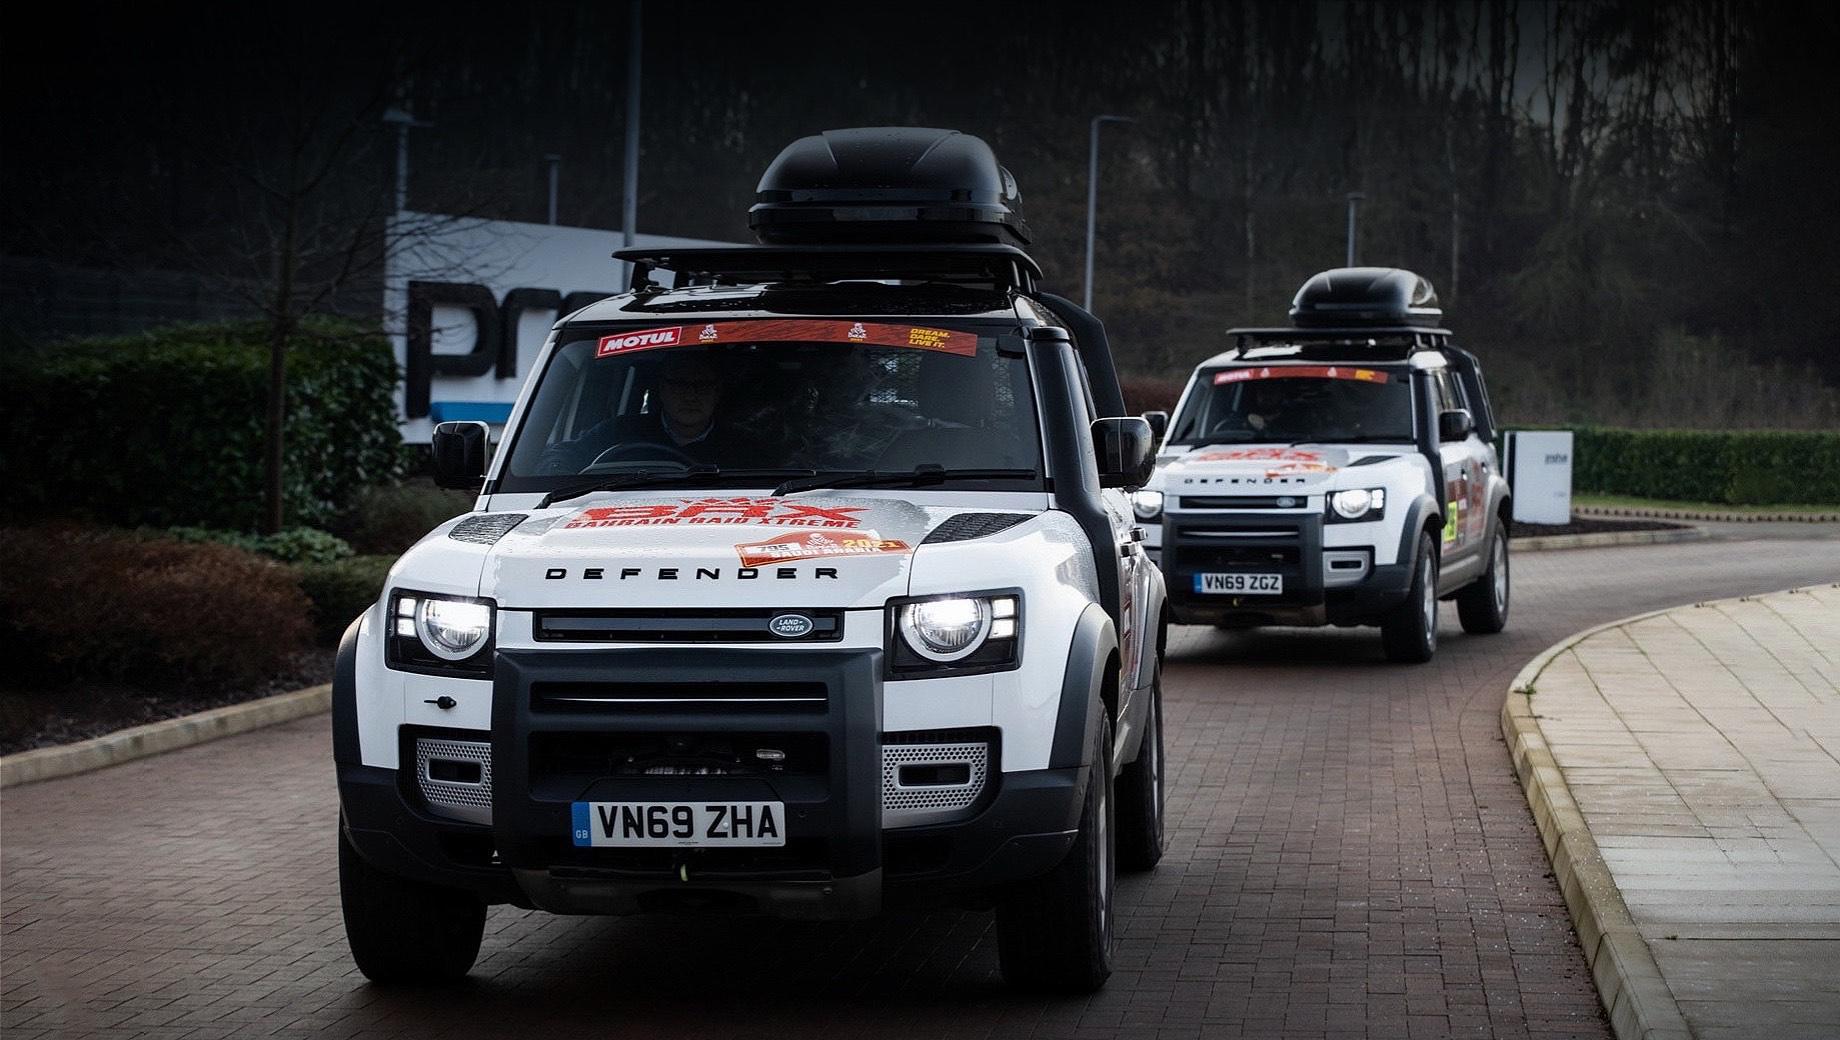 Land rover defender. Парочка внедорожников Land Rover Defender 110 P400 MHEV будет транспортировать персонал команды и оборудование в рамках 13-дневного раллийного марафона, который будет состоять из 12 этапов протяжённостью 7646 км.